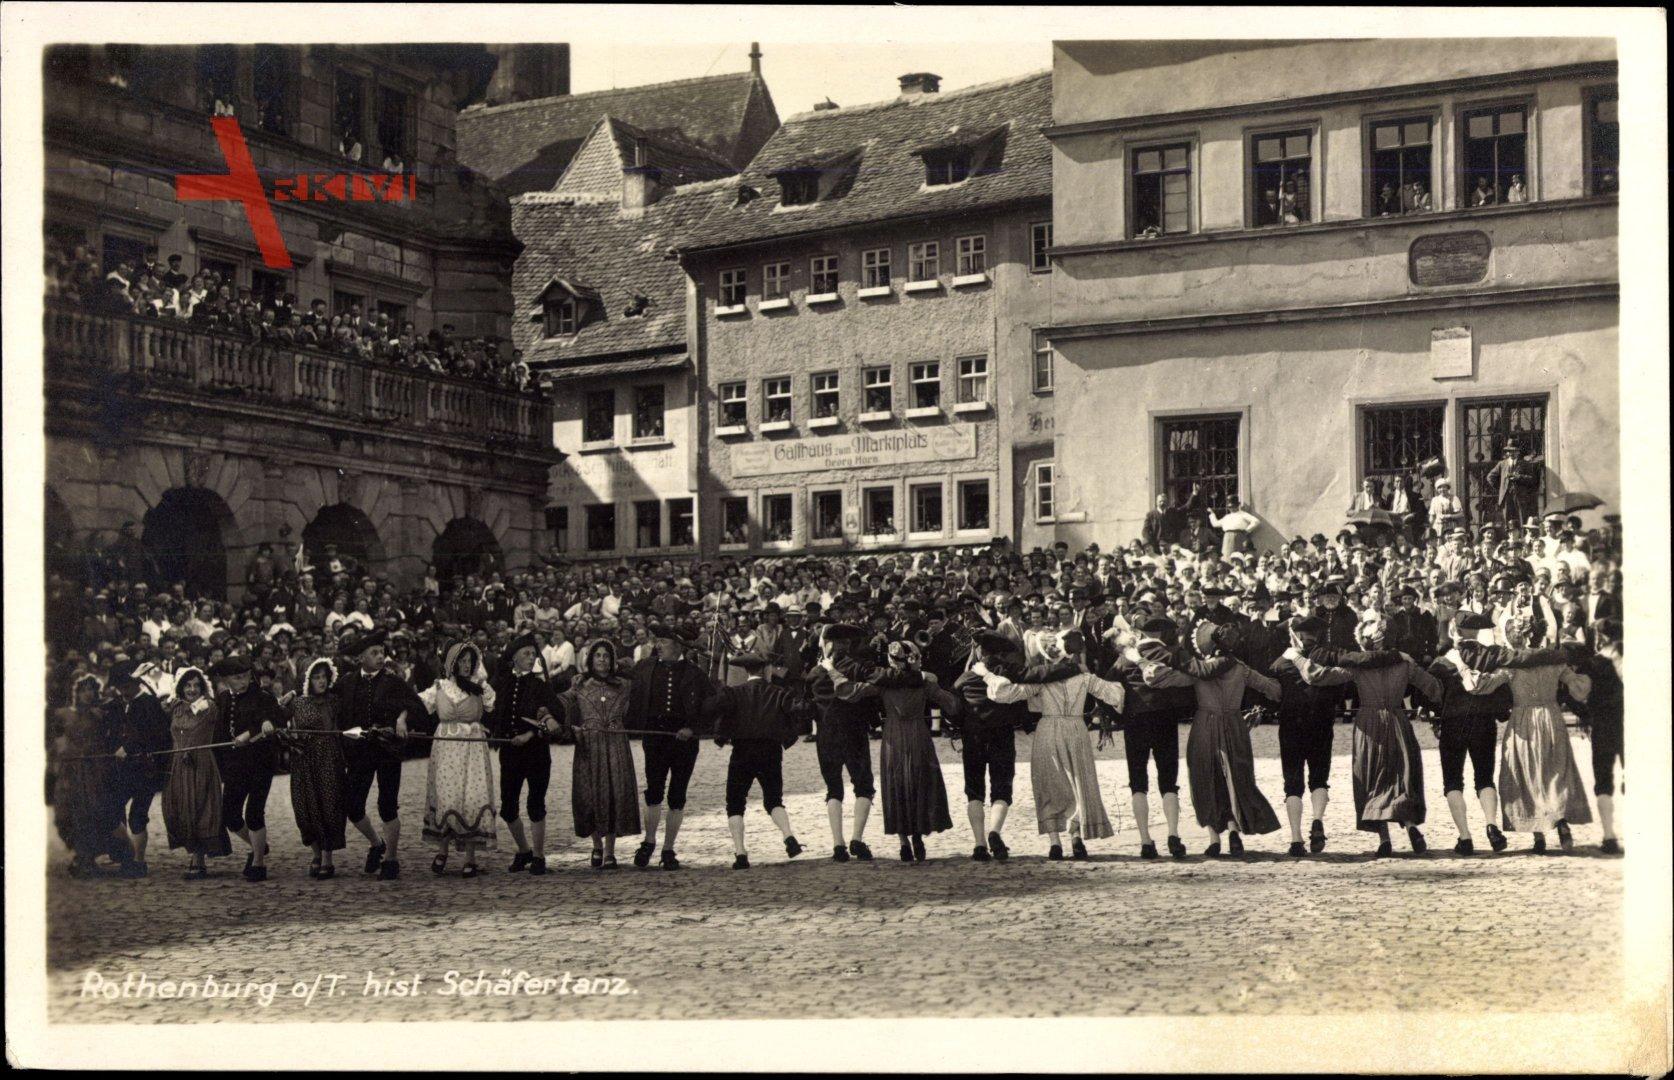 Rothenburg ob der Tauber Mittelfranken, Historischer Schäfertanz